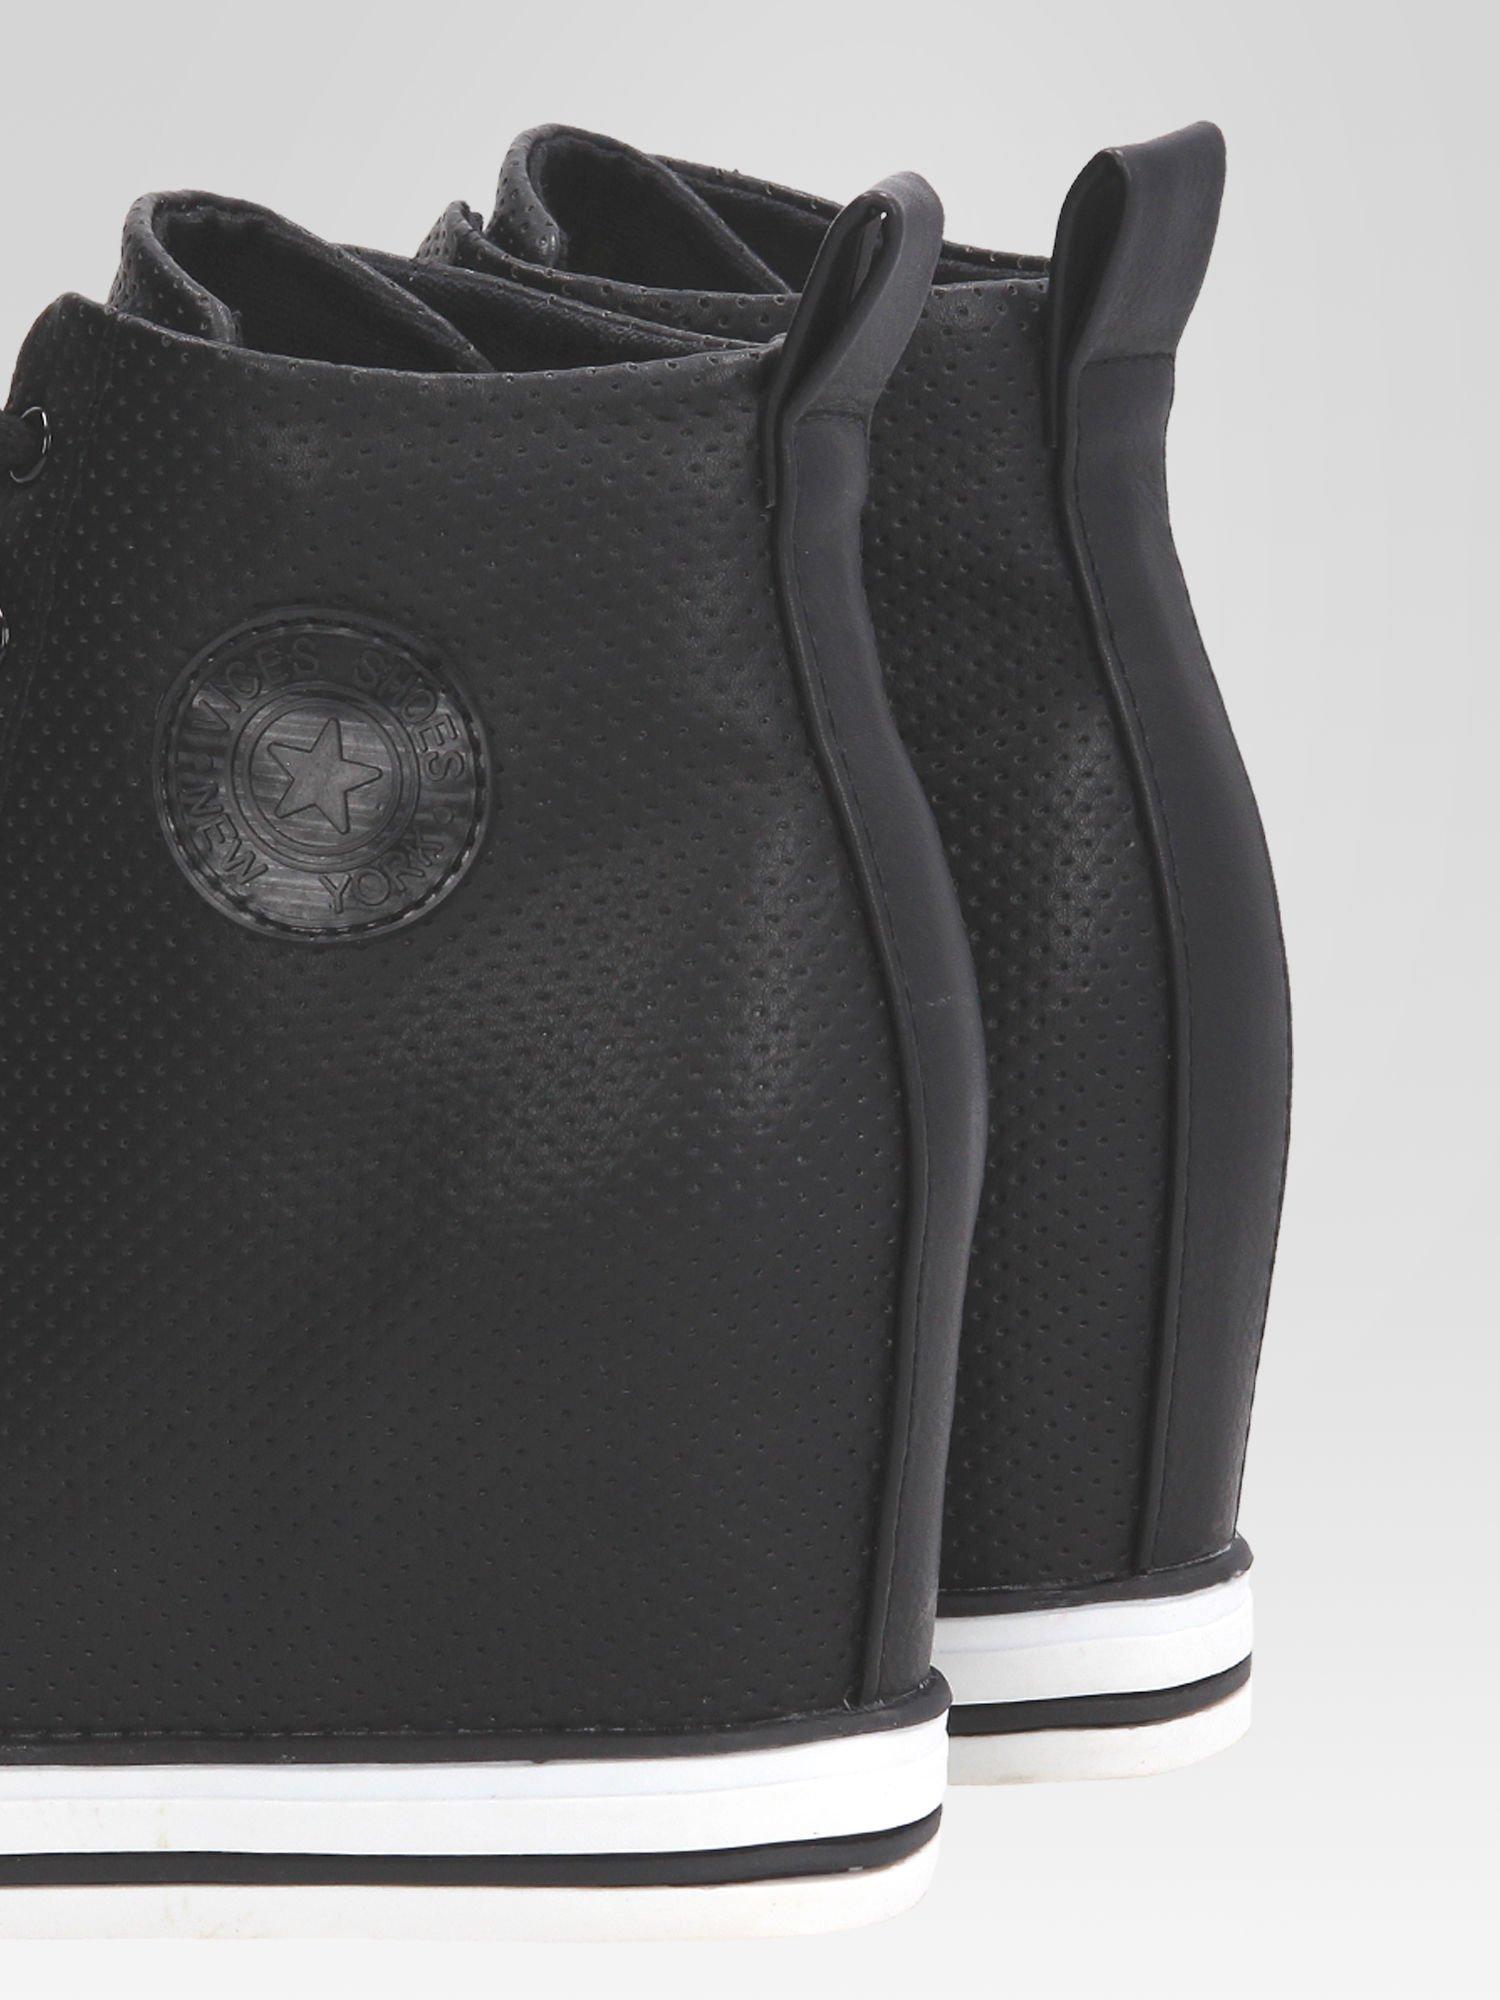 Czarne sneakersy damskie z siateczką                                  zdj.                                  7